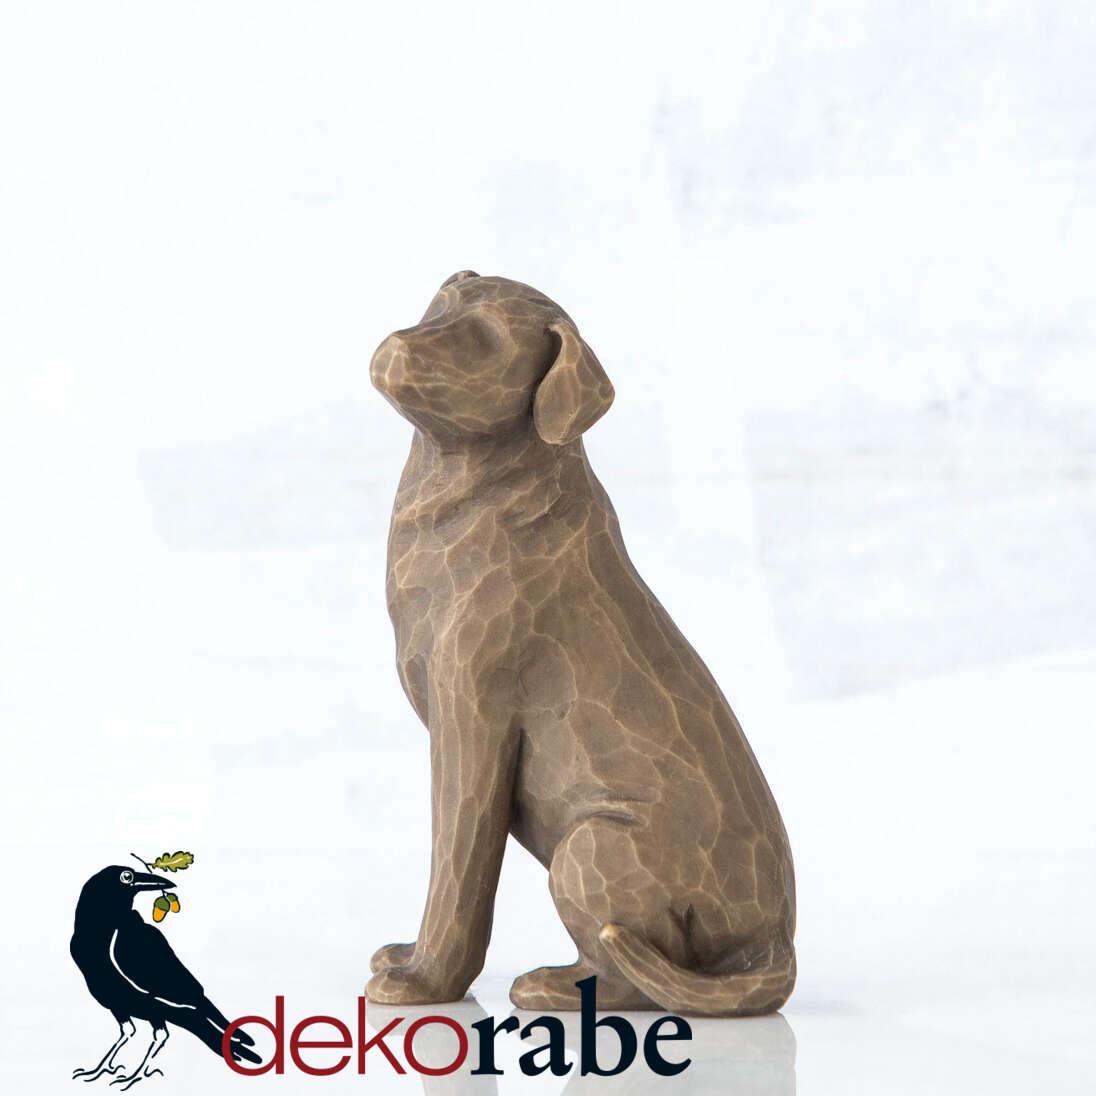 Mein lieber Hund Sitzender Hund mit dunklem Fell